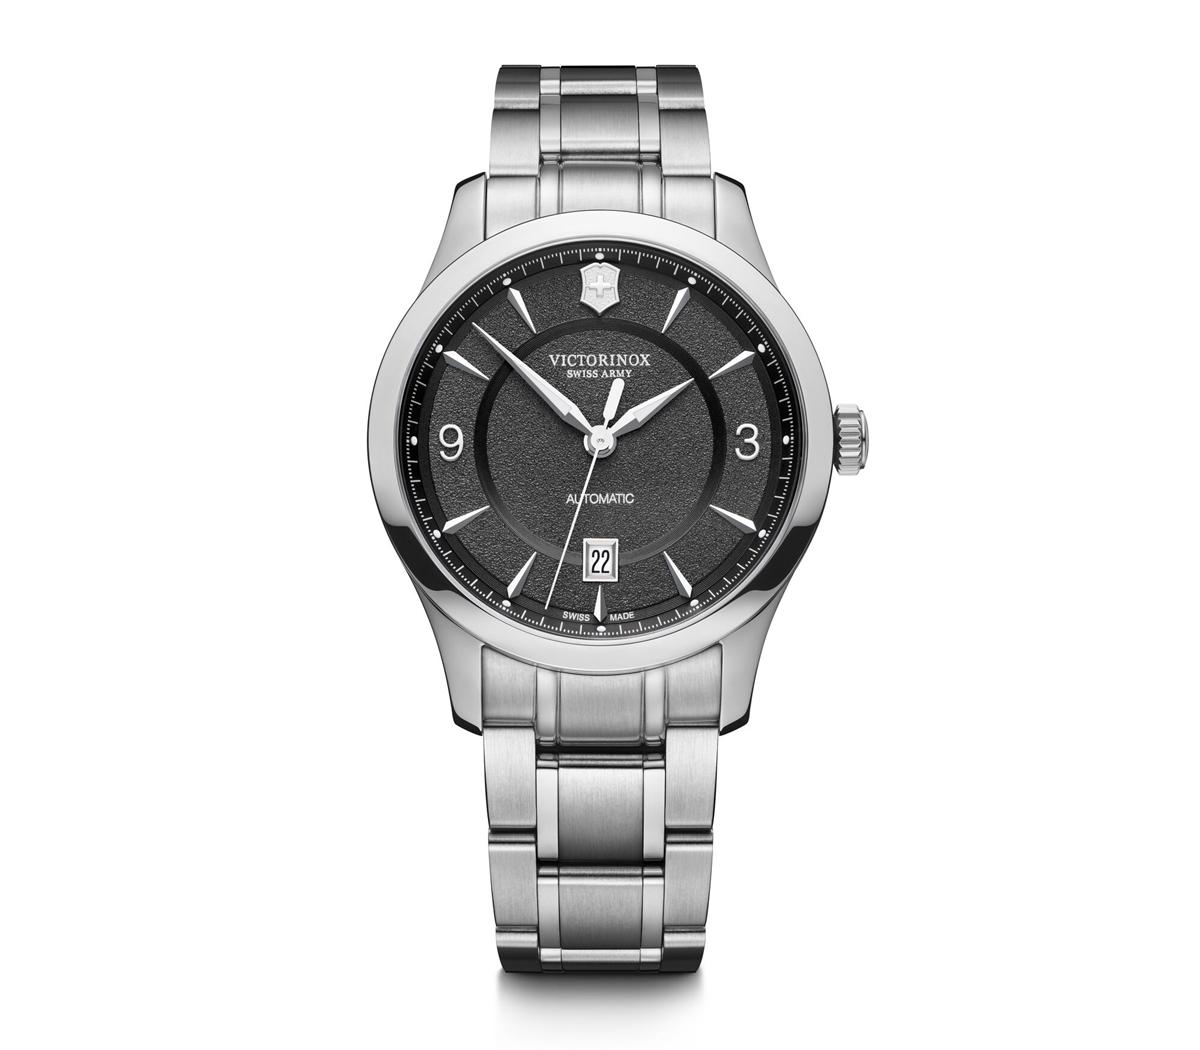 ビクトリノックス VICTORINOX 241898 アライアンス メカニカル 正規品 腕時計